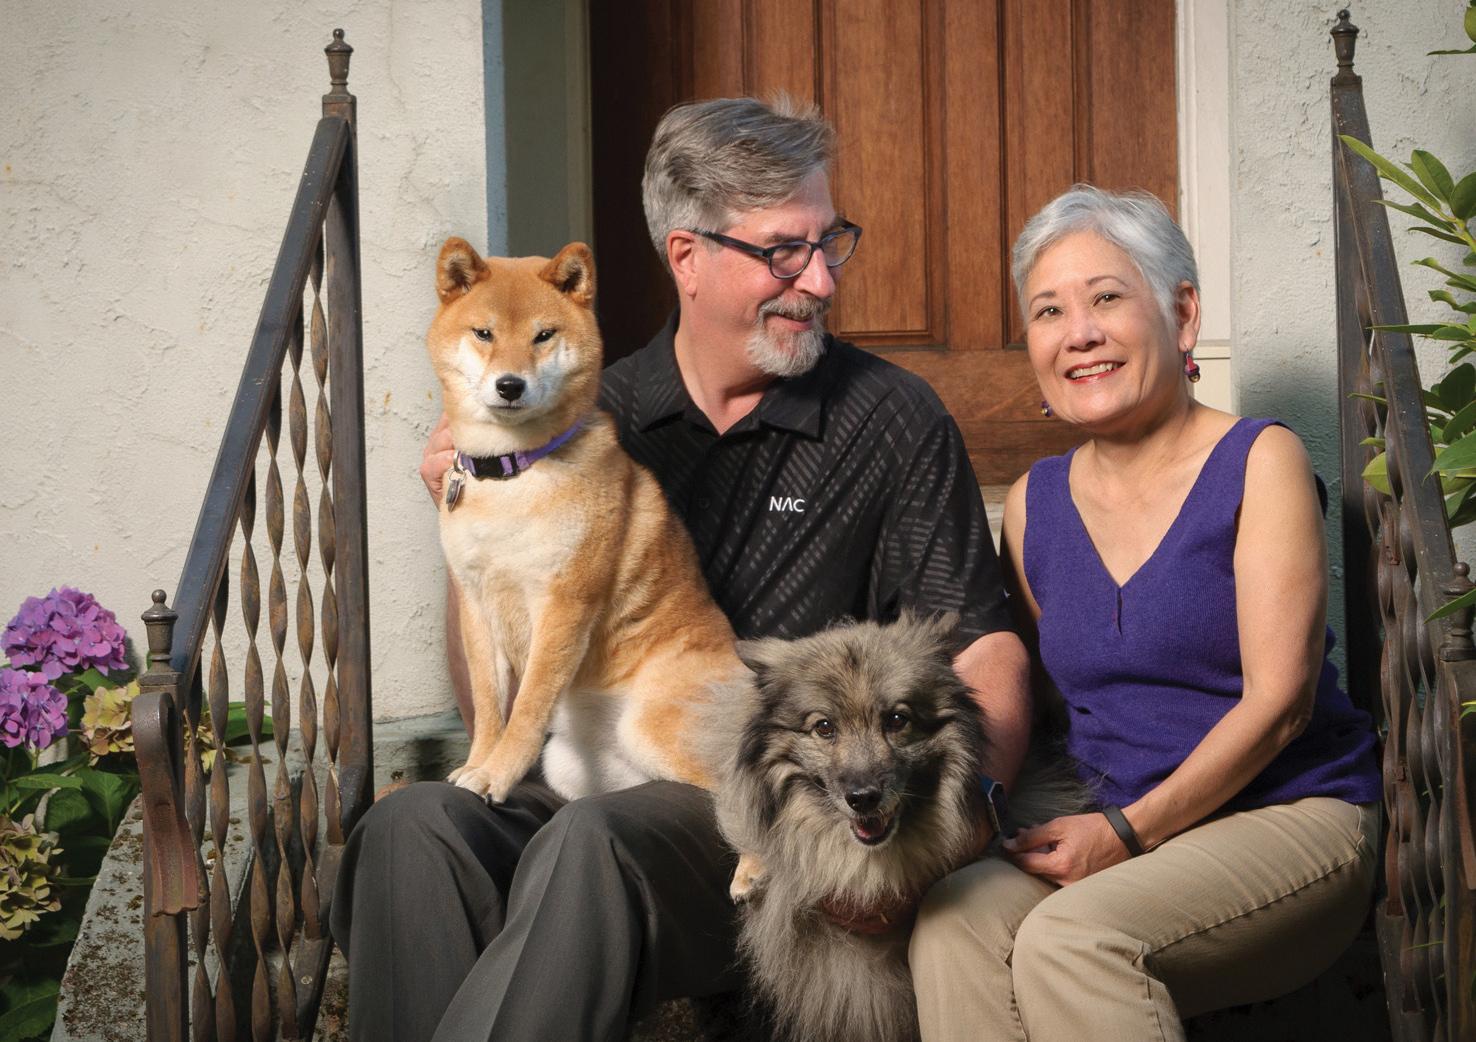 OMA&D donors Dan and Linda Jardine